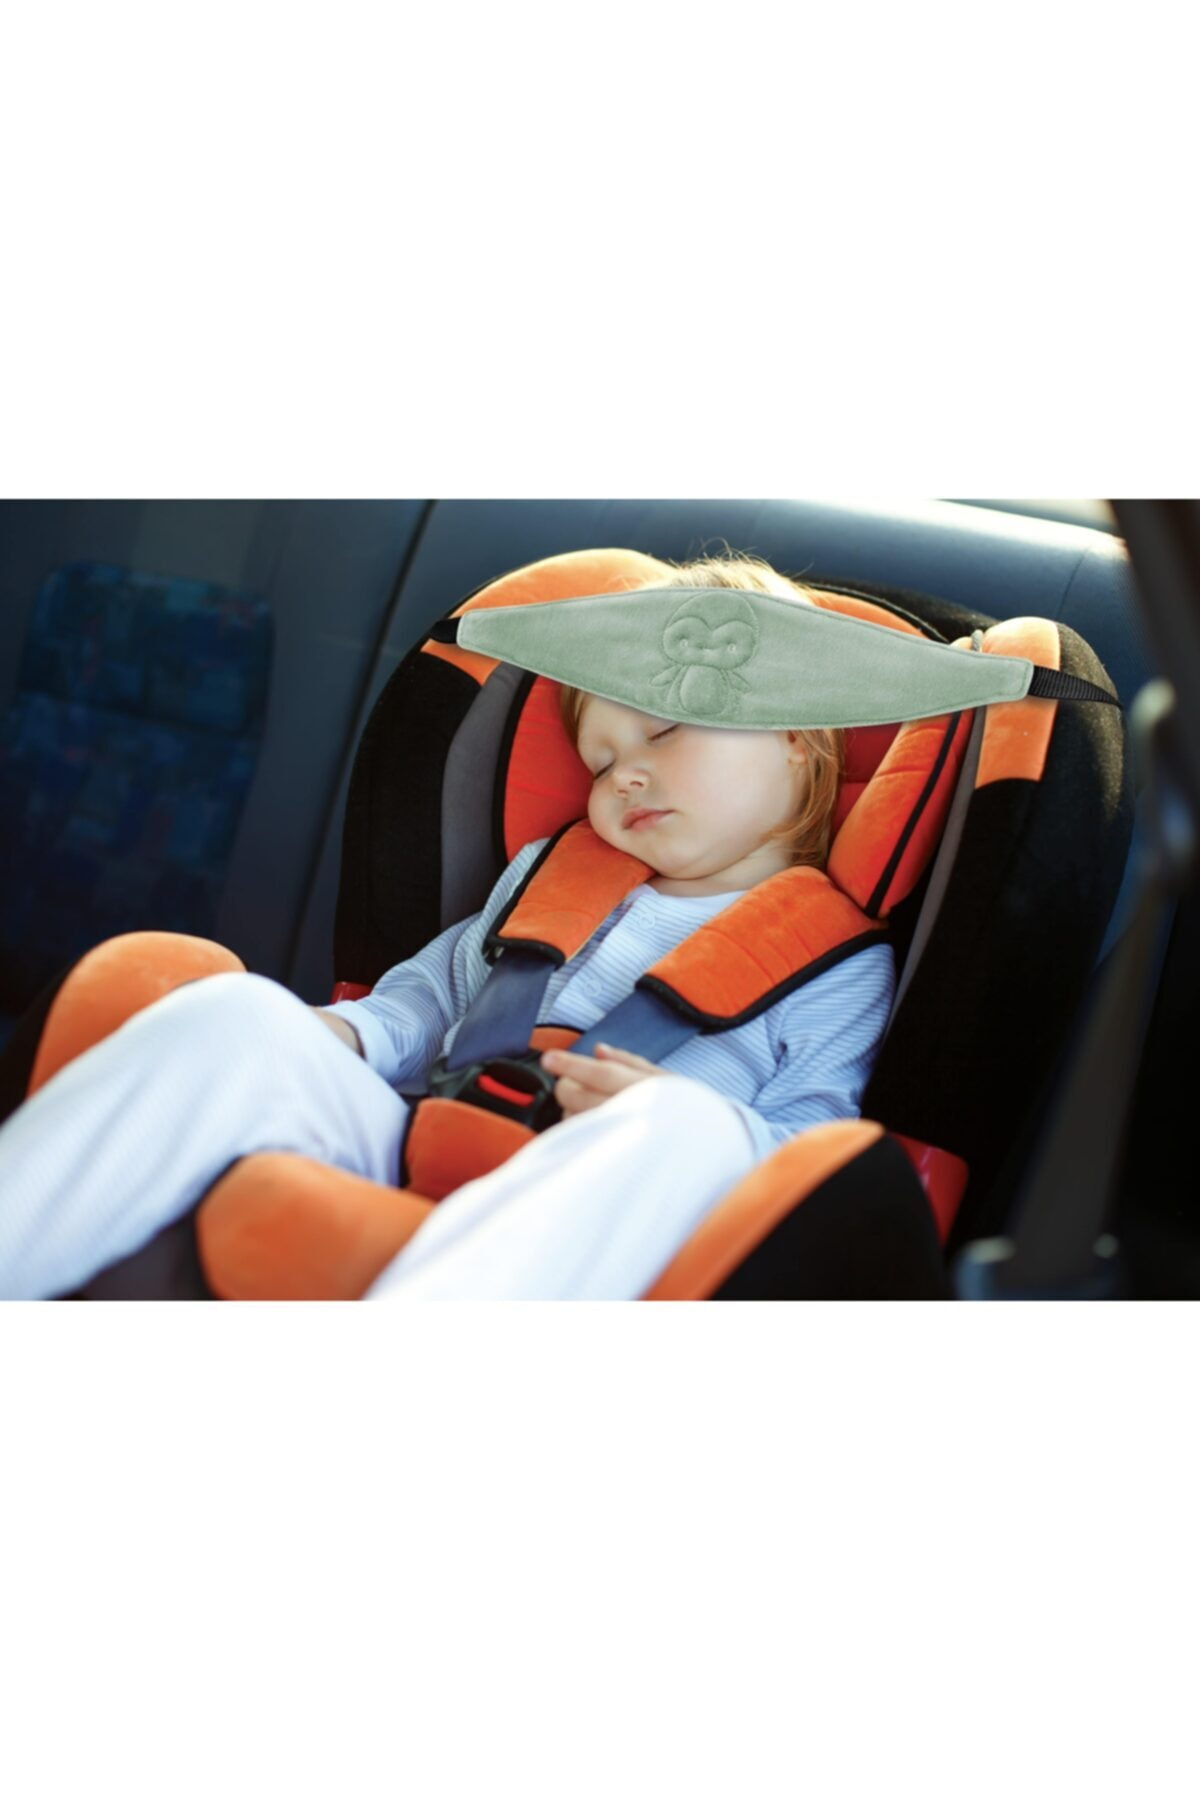 Автомобильное сиденье, поддержка головы, Серый Детский дорожный держатель головы, мягкое удобное детское автомобильное сиденье, поддержка ...